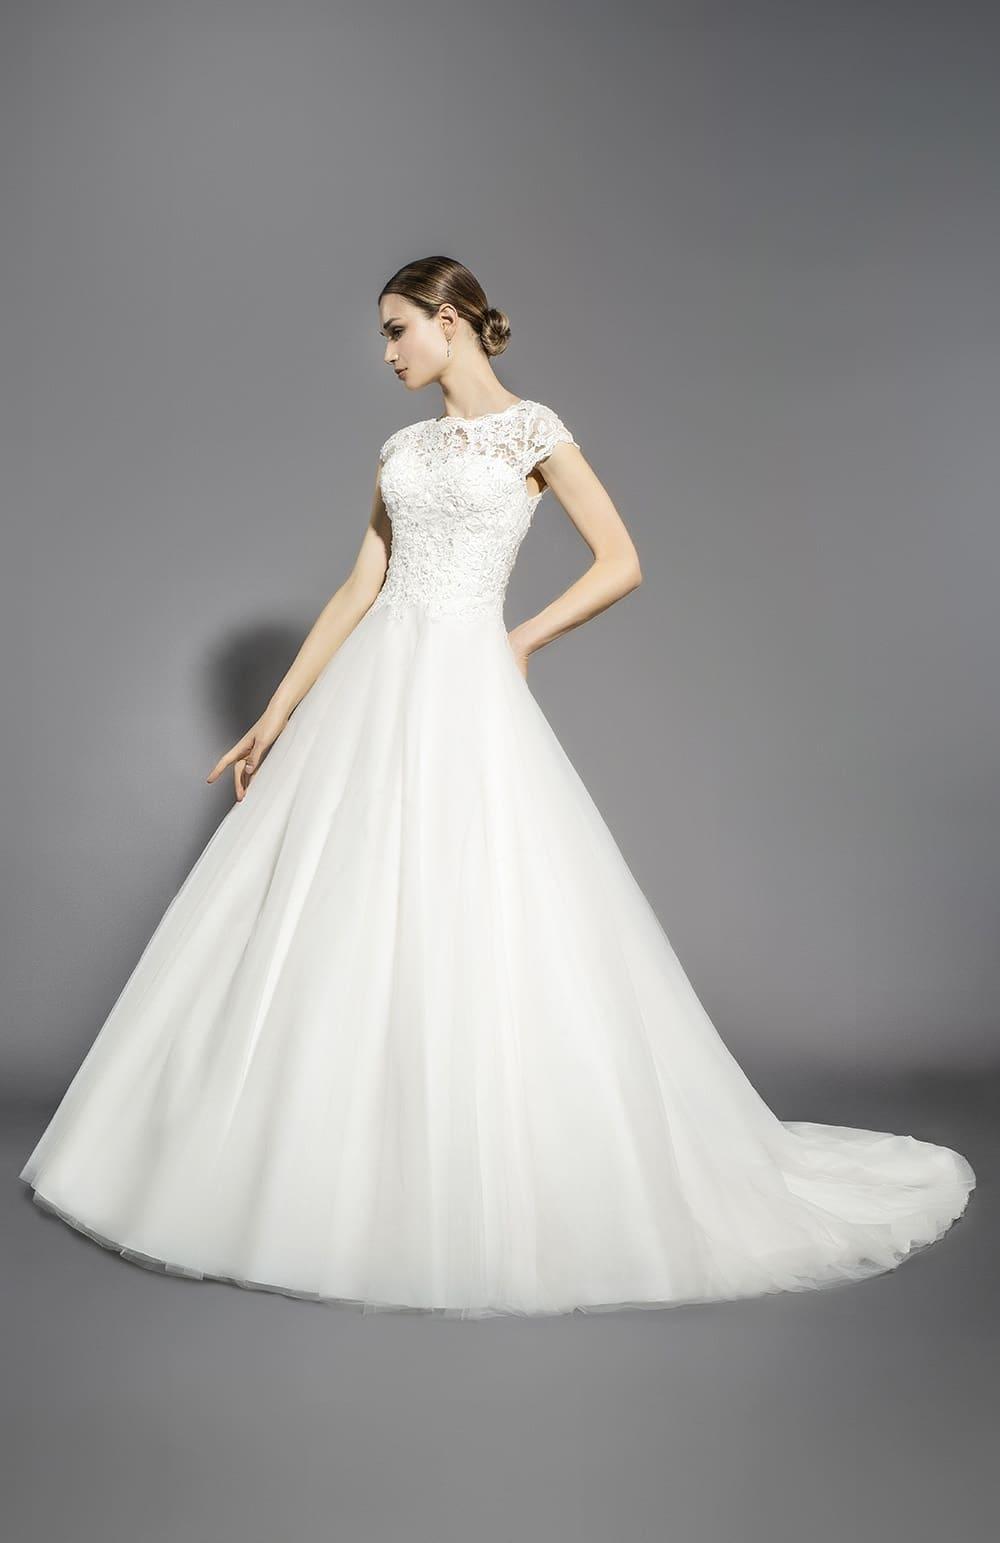 Robe de mariée Modèle Maena